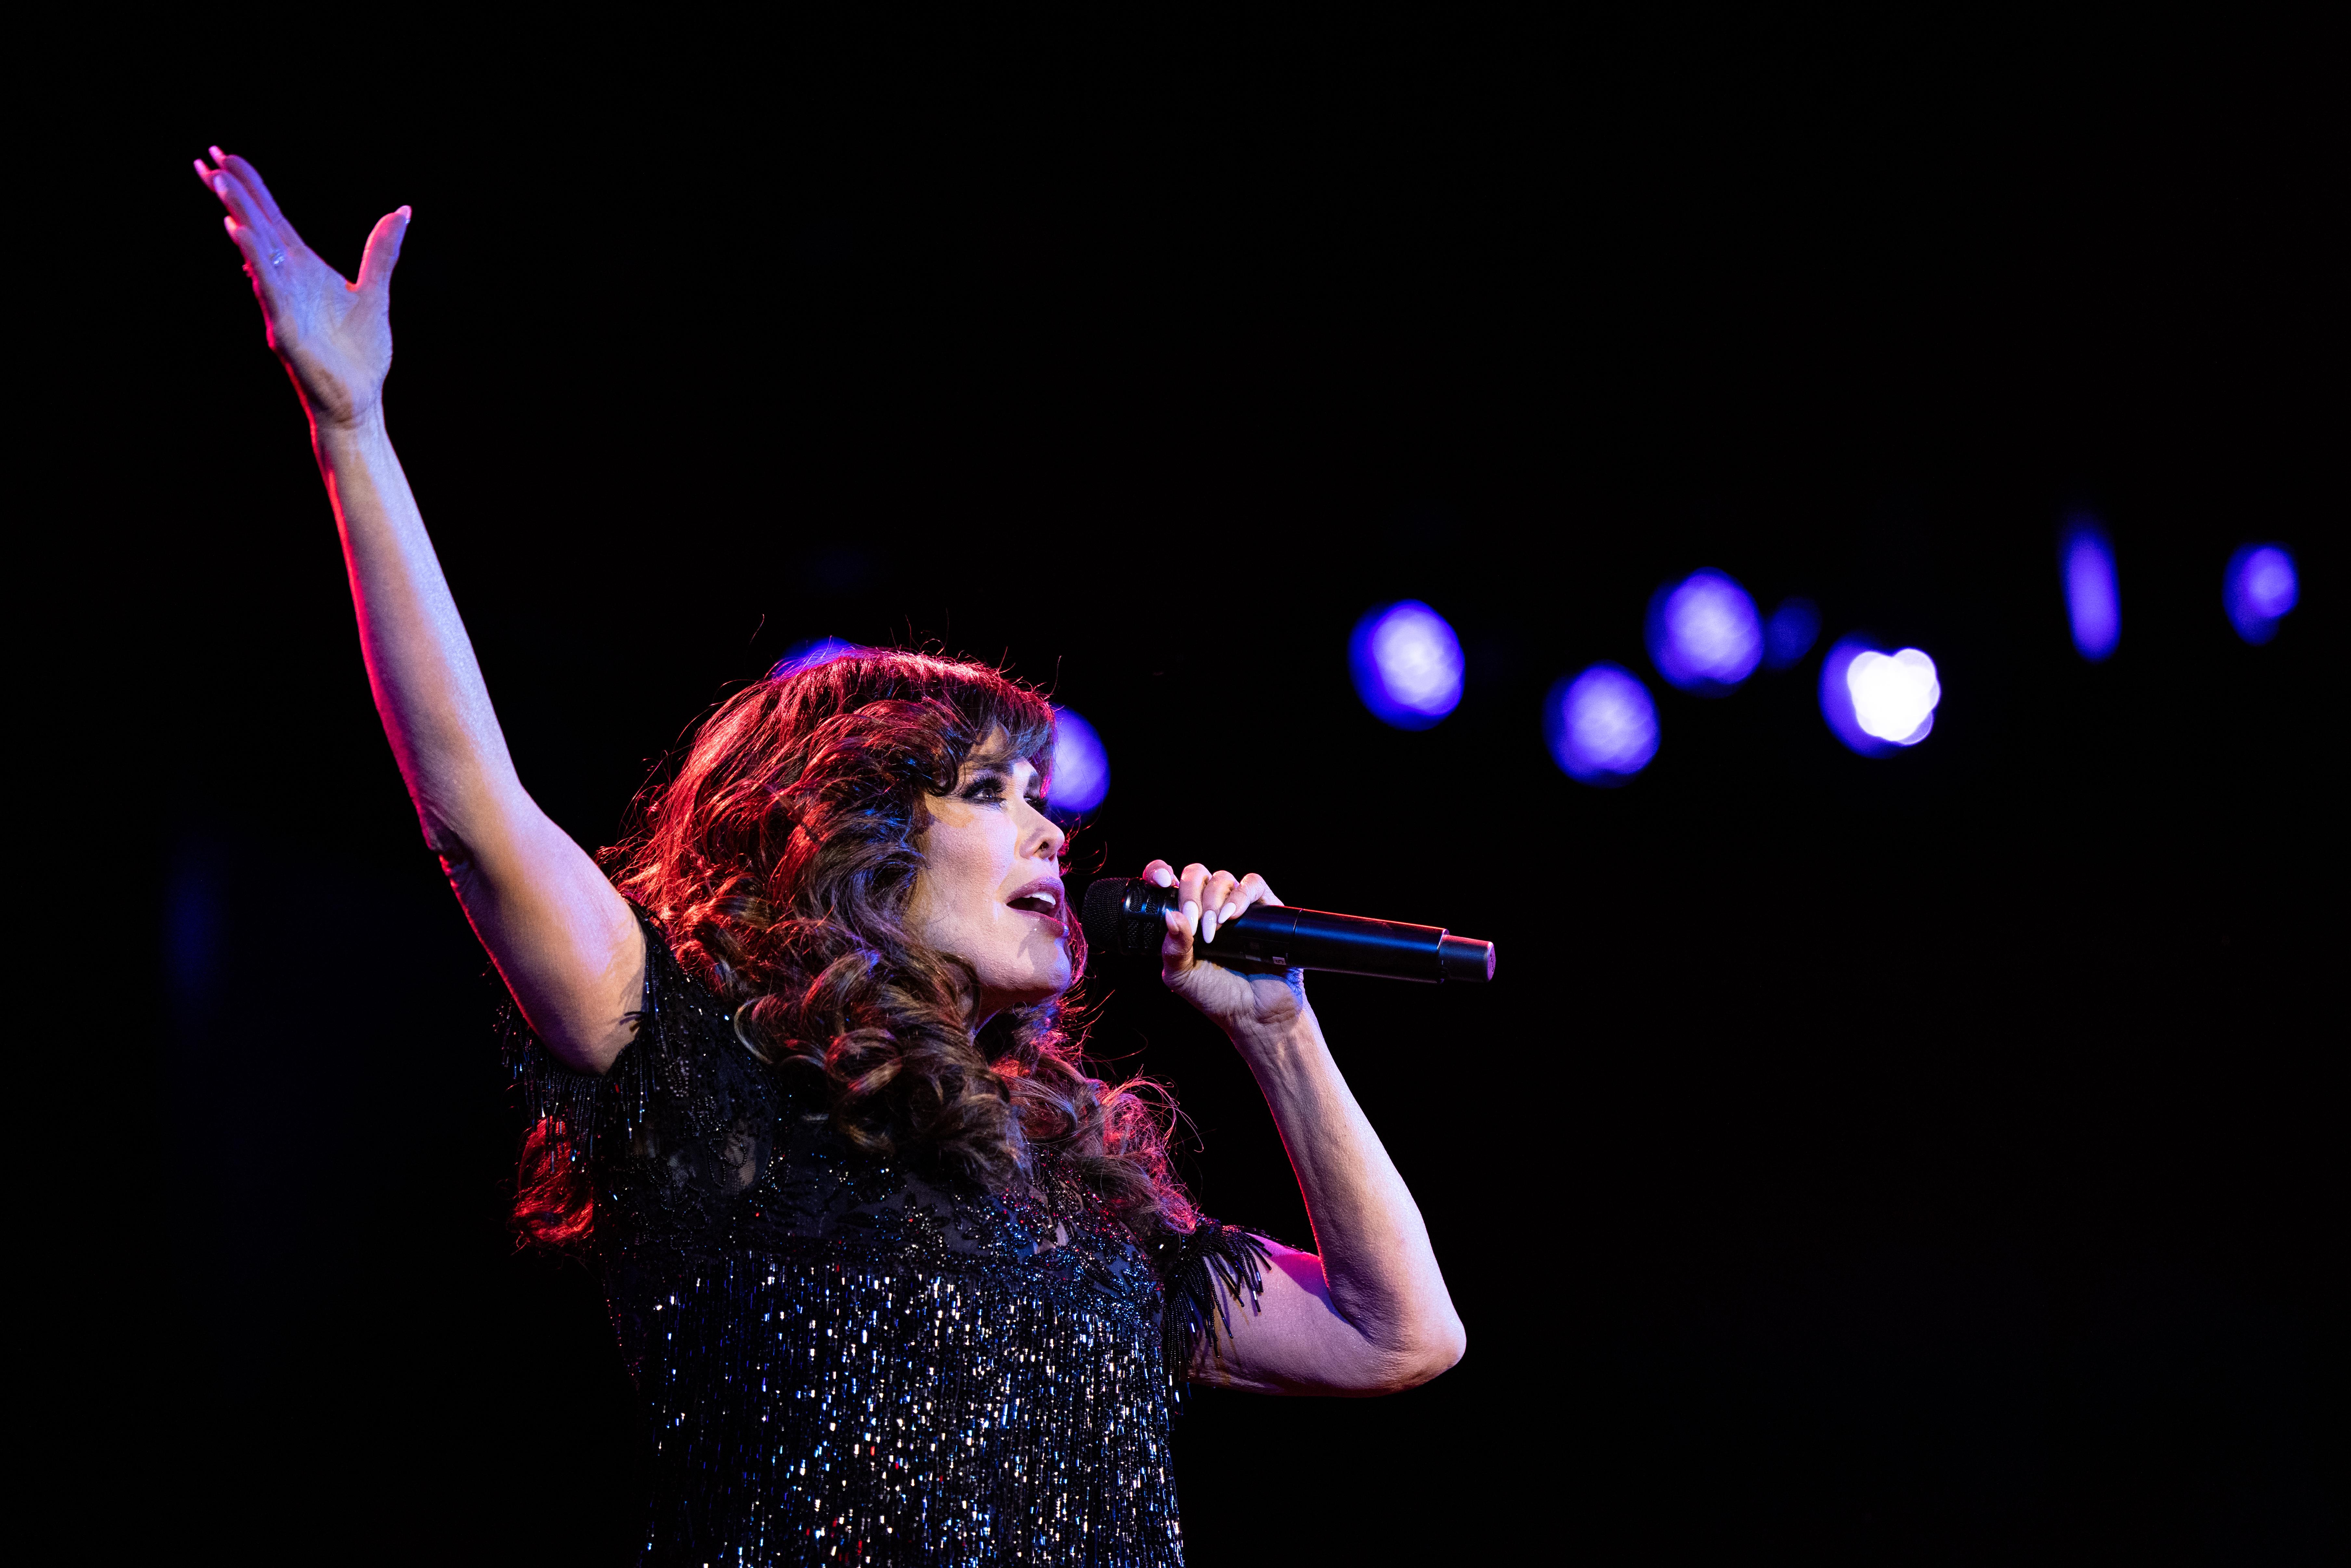 Marie Osmond sings on stage.